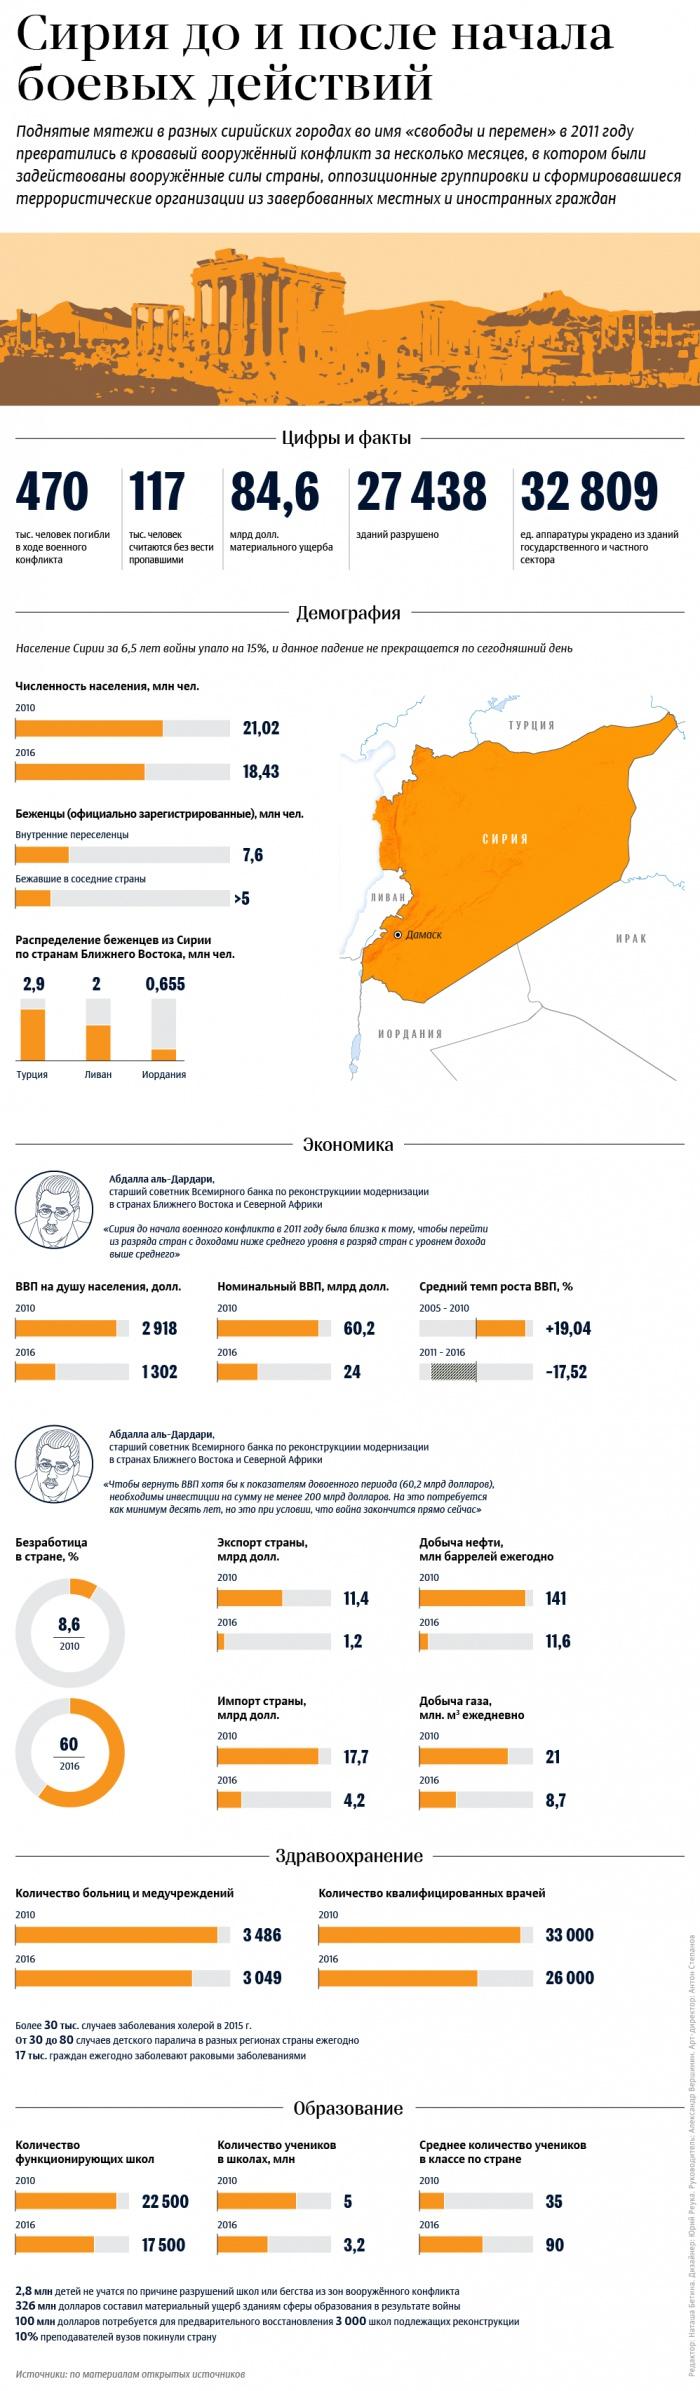 Сирия до и после начала боевых действий (ИНФОГРАФИКА)